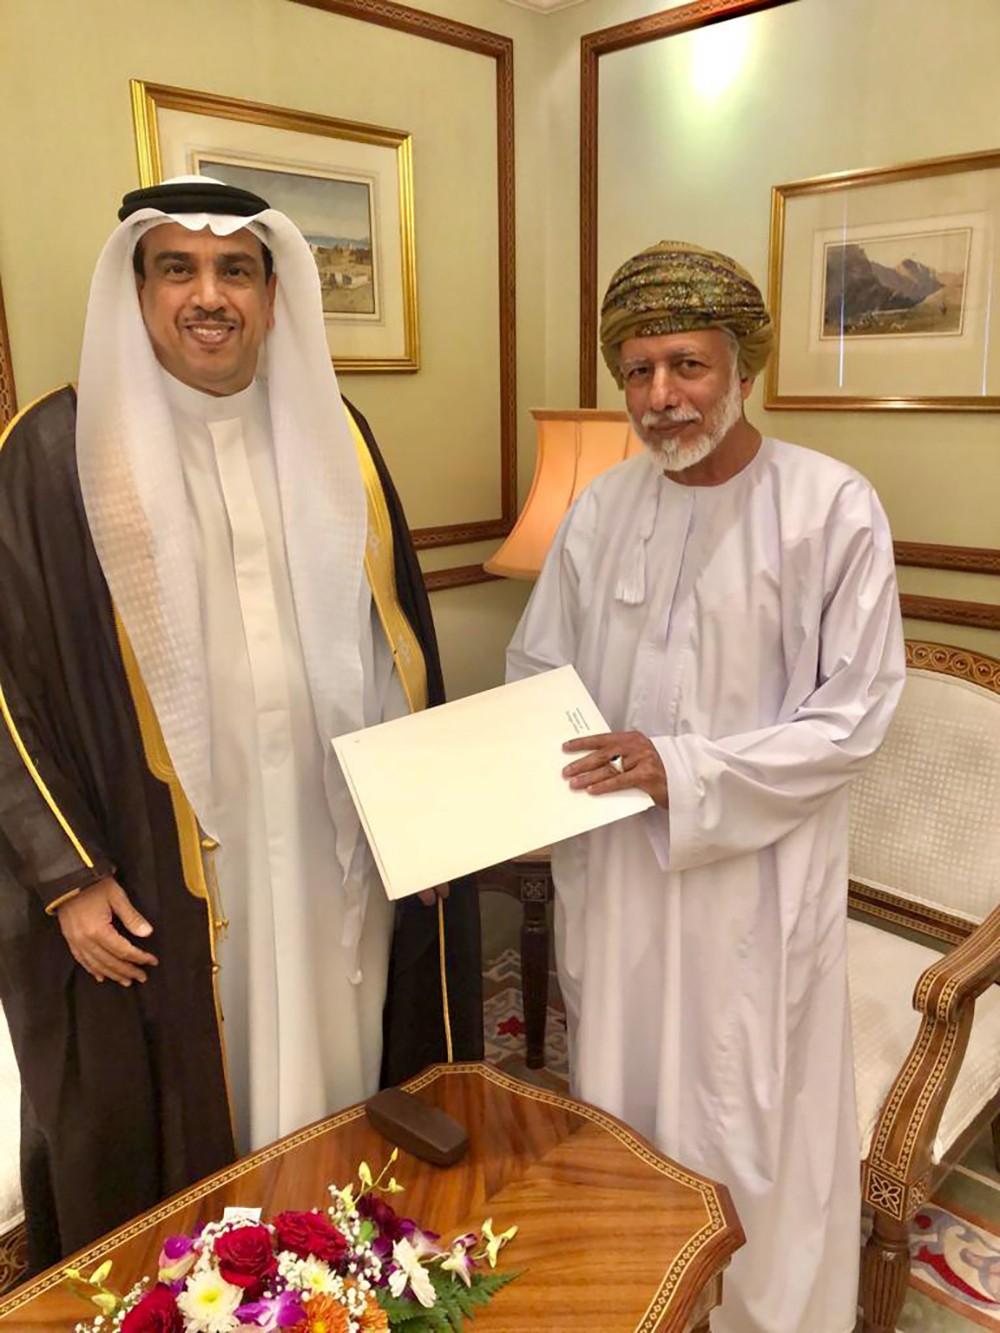 سفير البحرين في مسقط يلتقي بالوزير المسؤول عن الشؤون الخارجية بسلطنة عمان